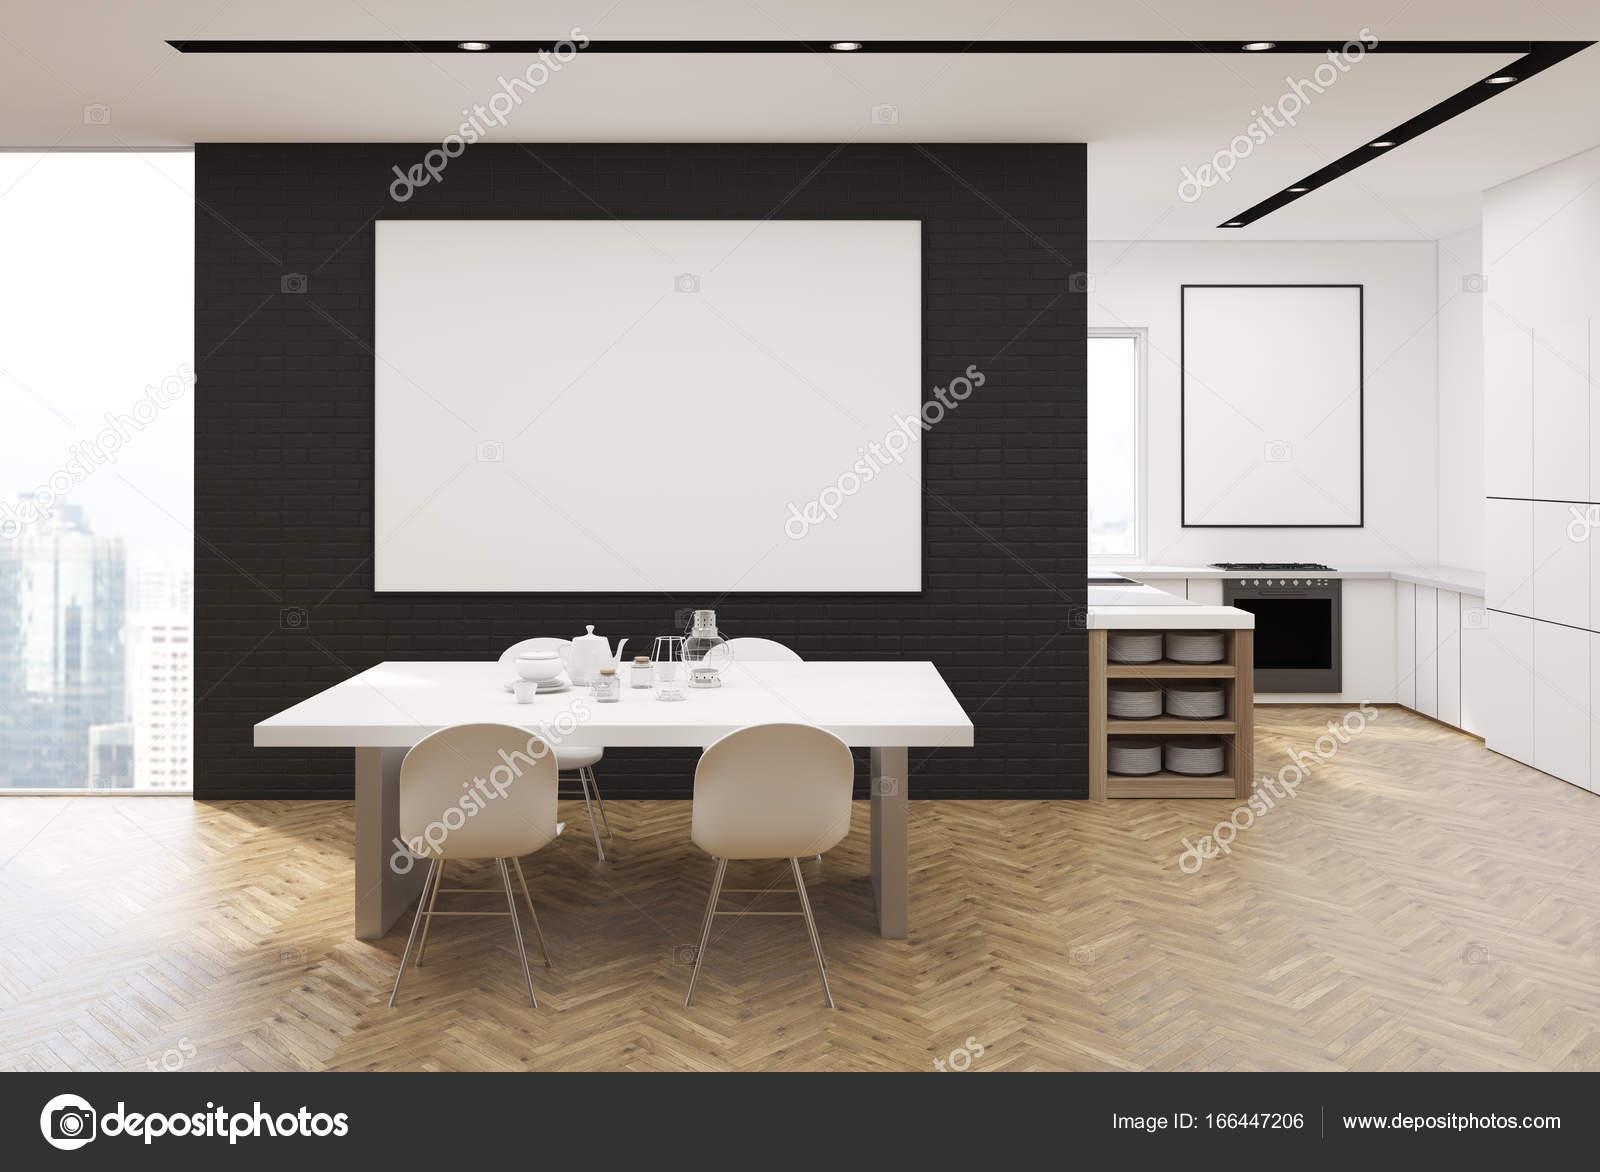 Cucina bianca e nera con una tabella, poster — Foto Stock ...